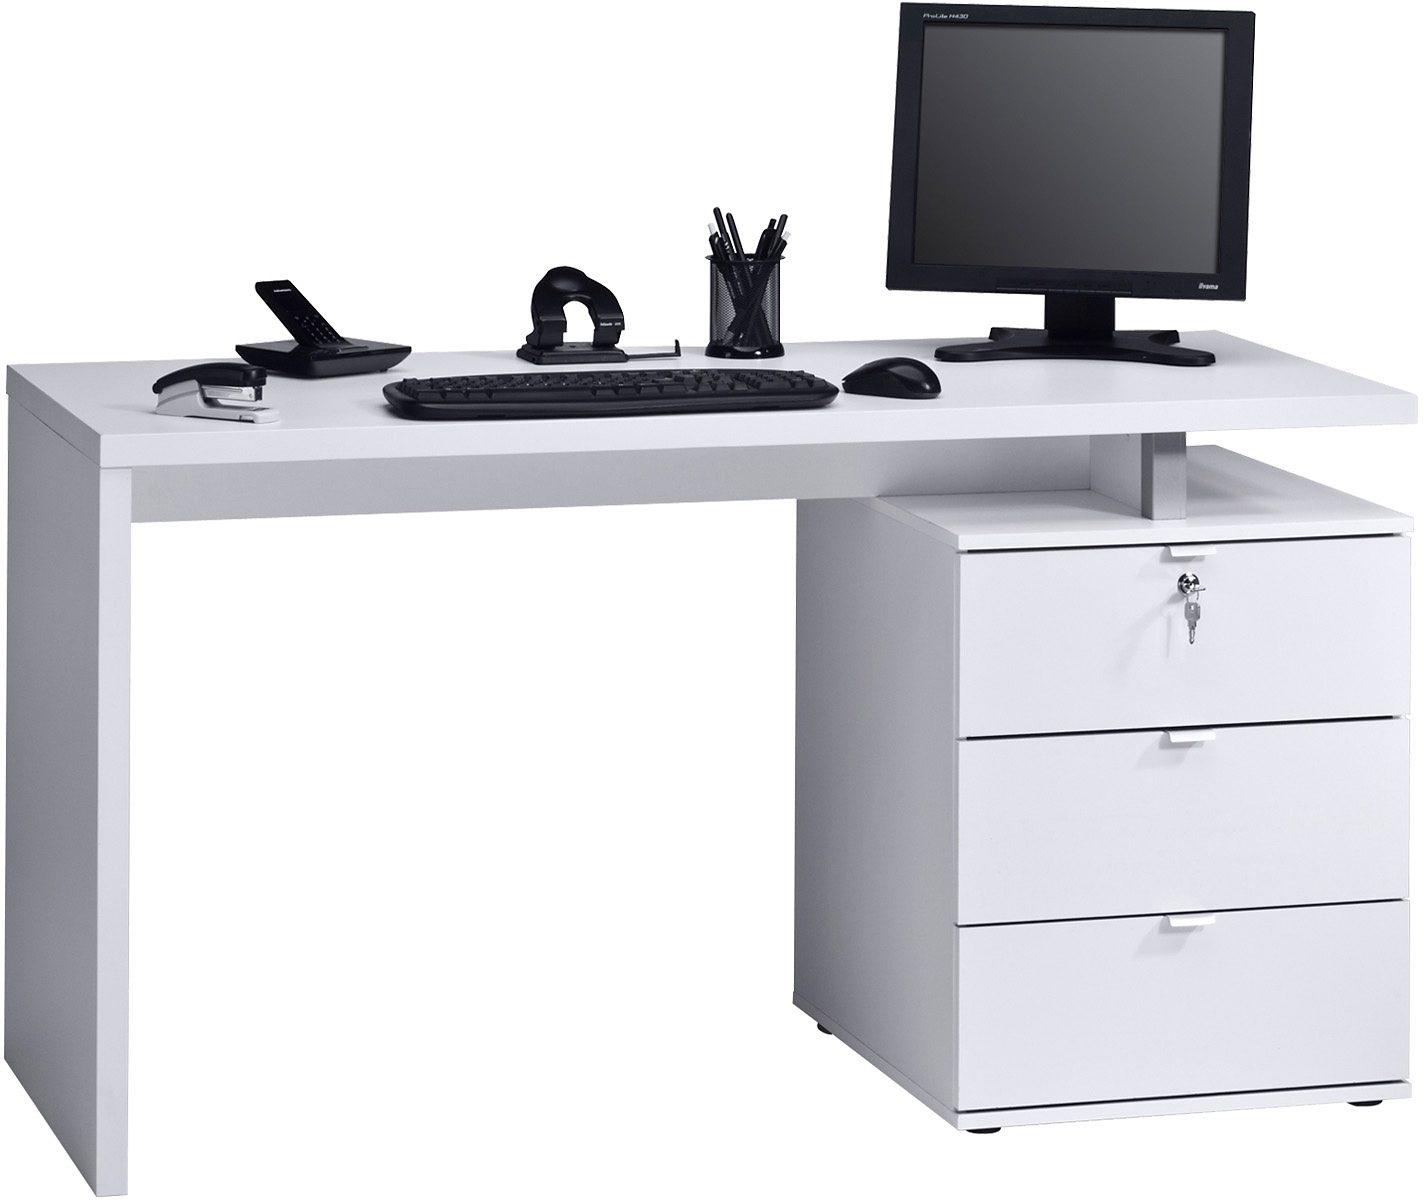 SchreibtischMaja KaufenOtto MöbelSchubkästen Auf Online Metalllaufschienen K1J3lTFc